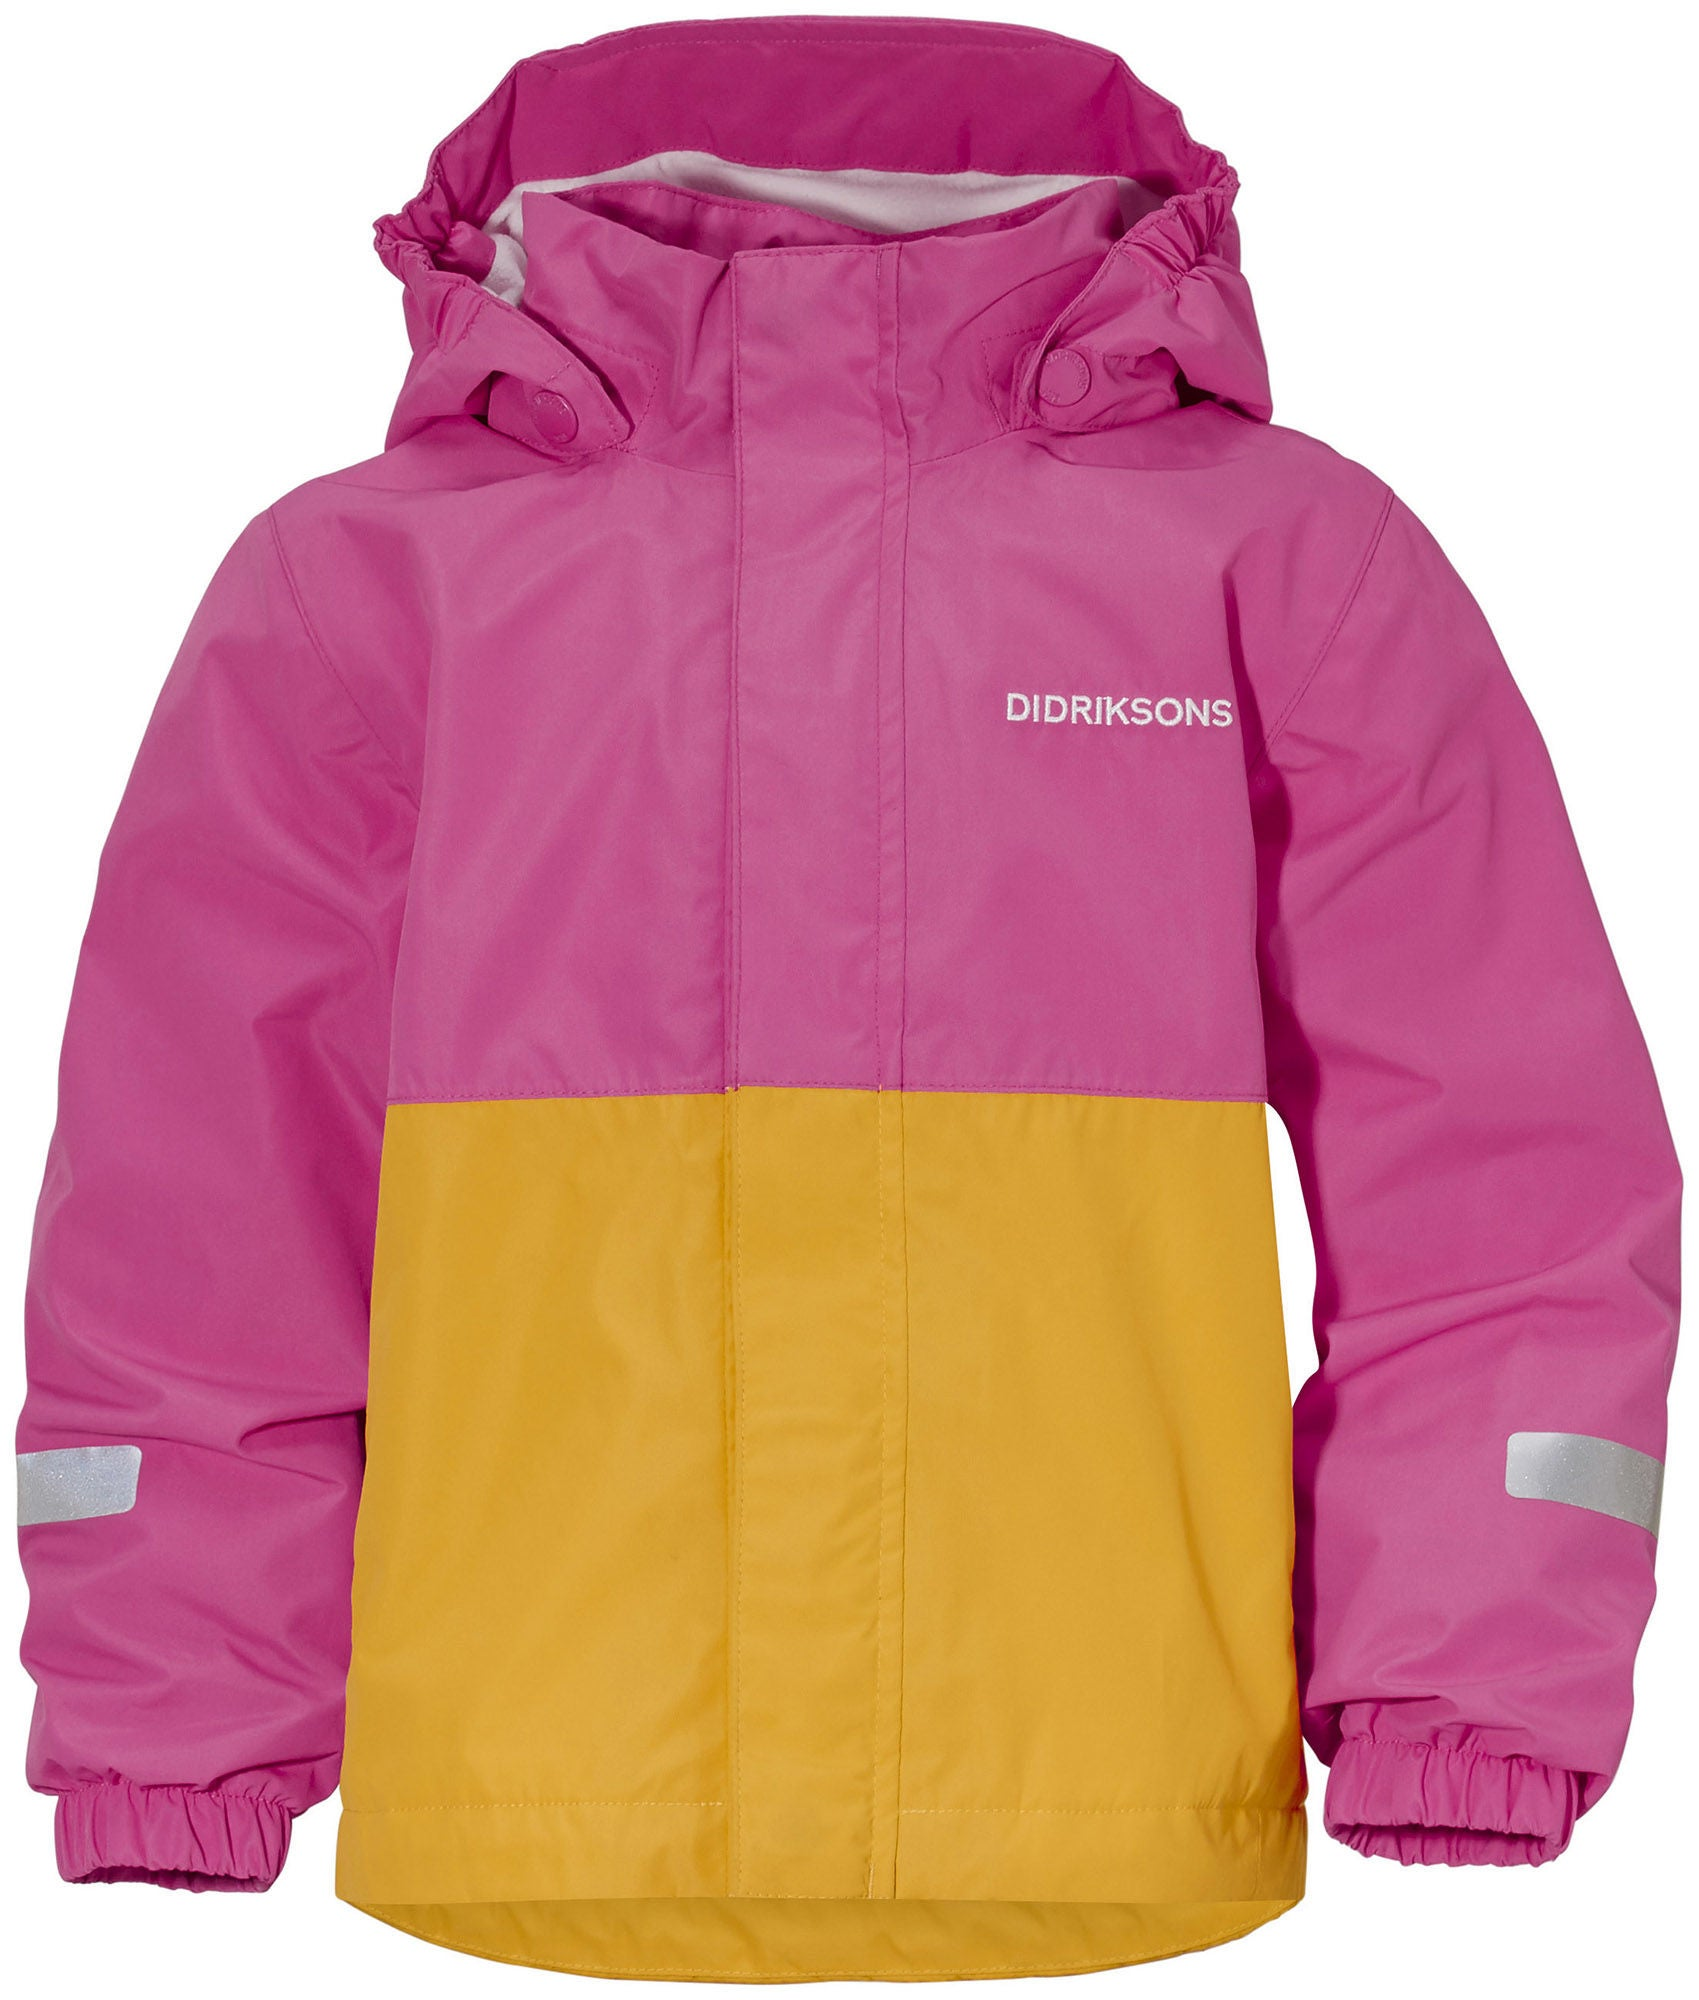 Didriksons Bri Jacka Plastic Pink 130